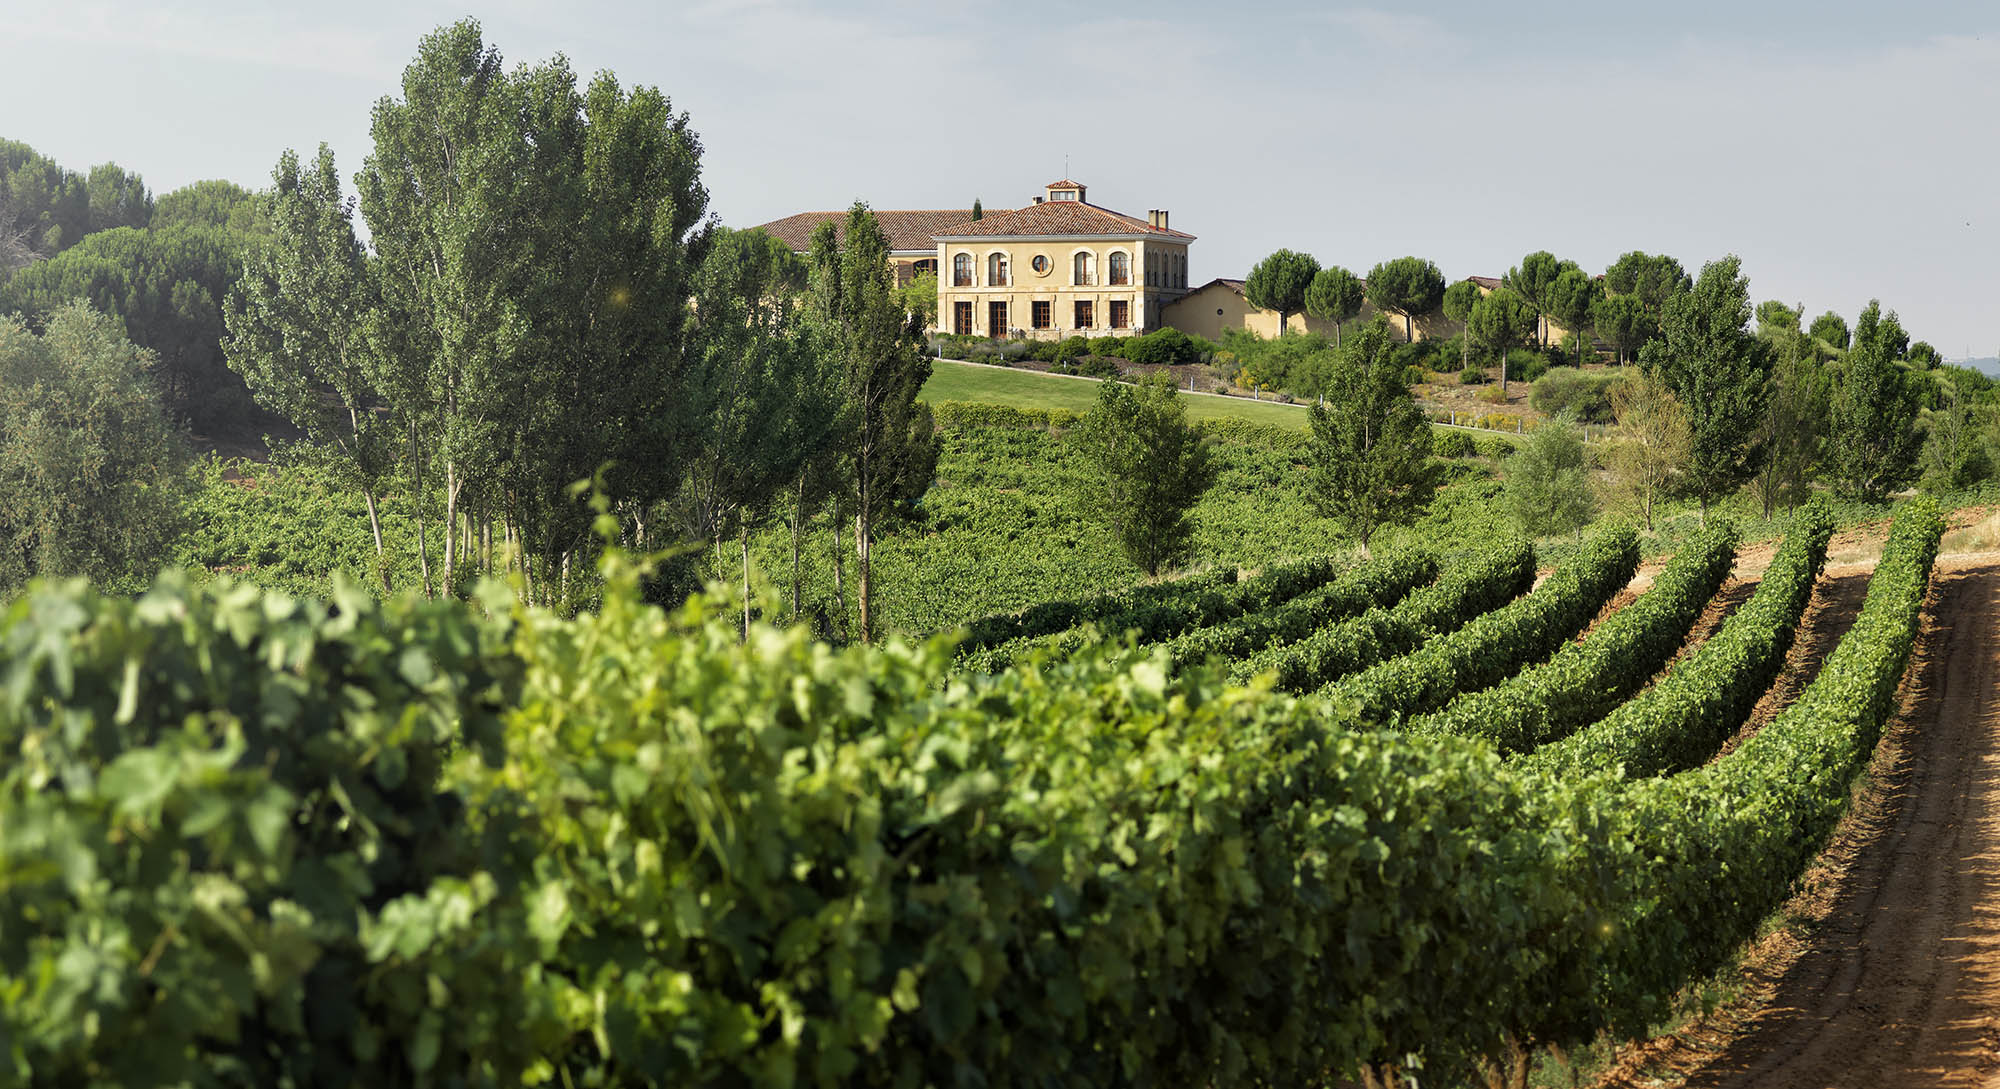 Rioja fotografia vino navidad foto vitoria erredehierro ribera del duero aster